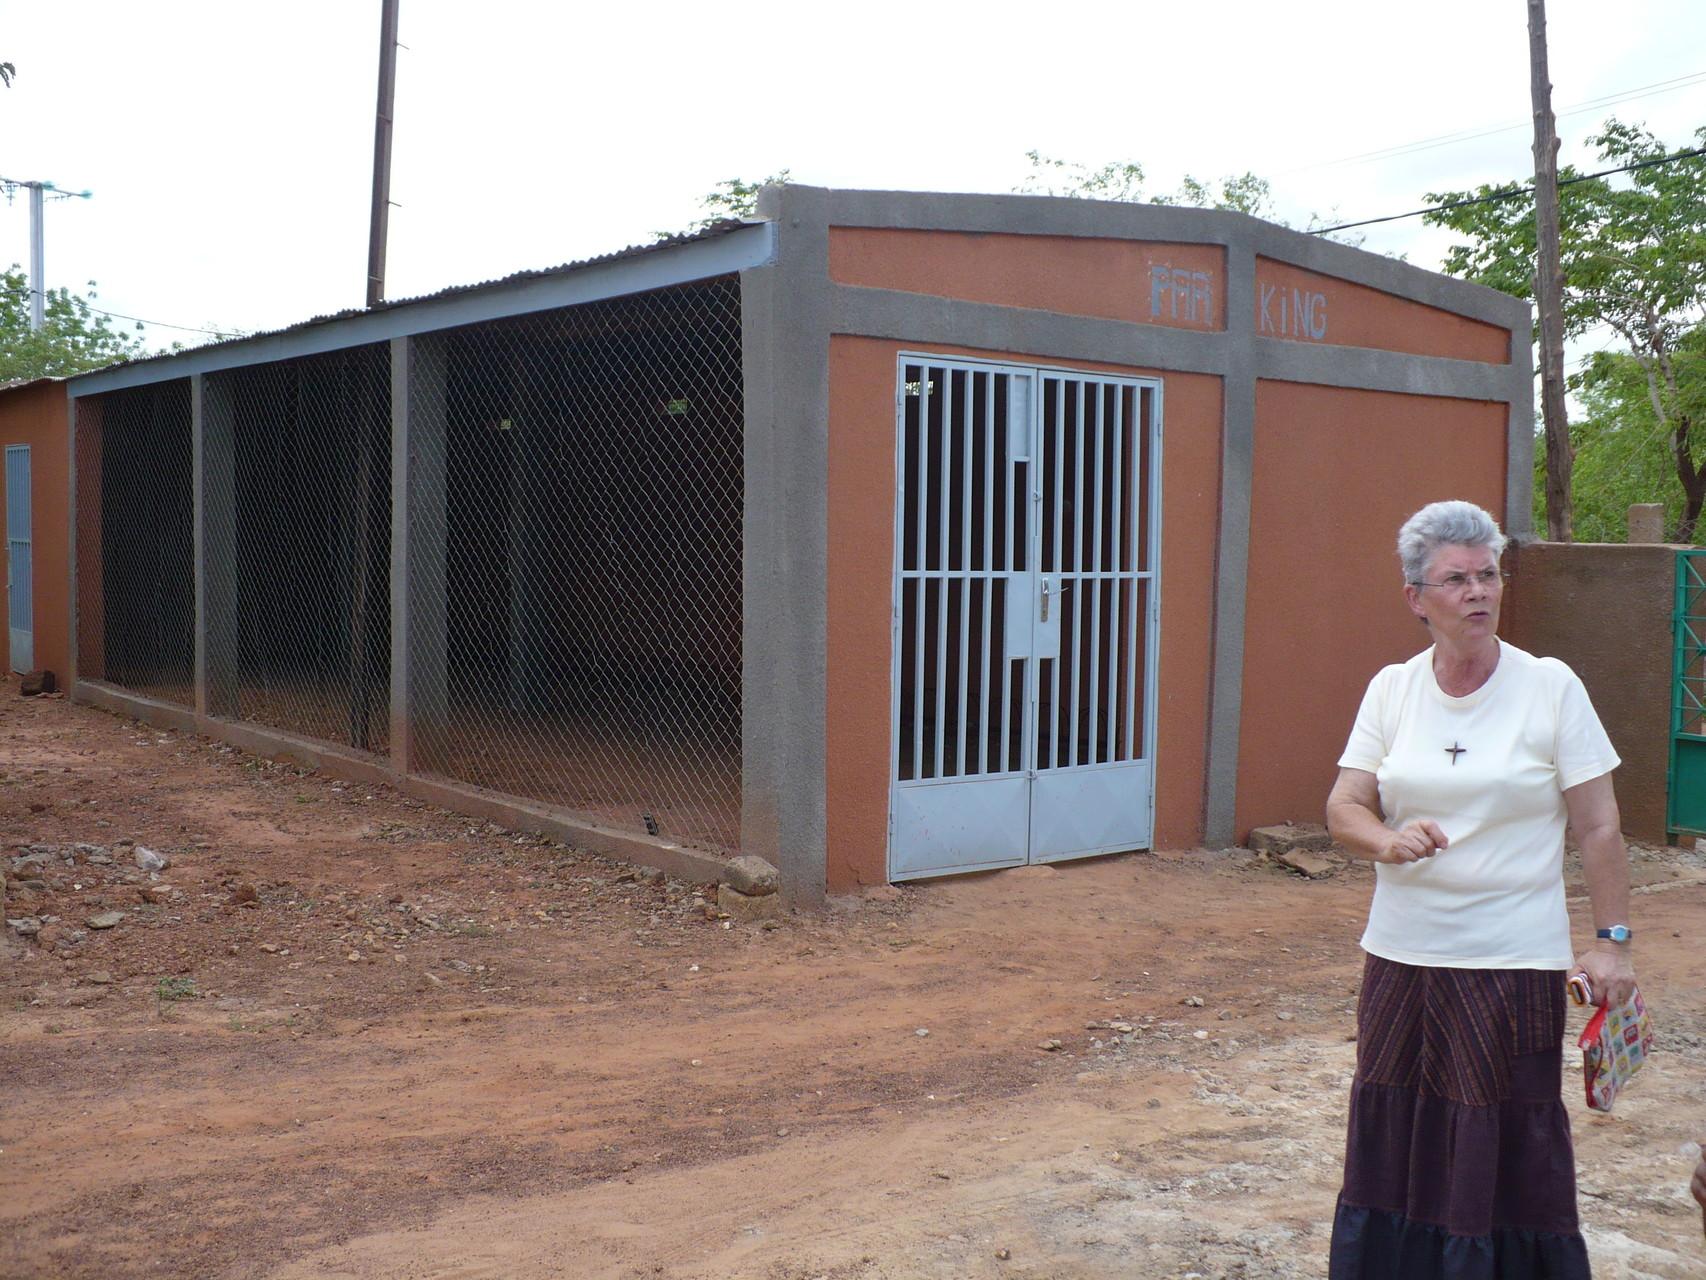 Garage à vélos financé par Adéga au dispensaire de Koubri